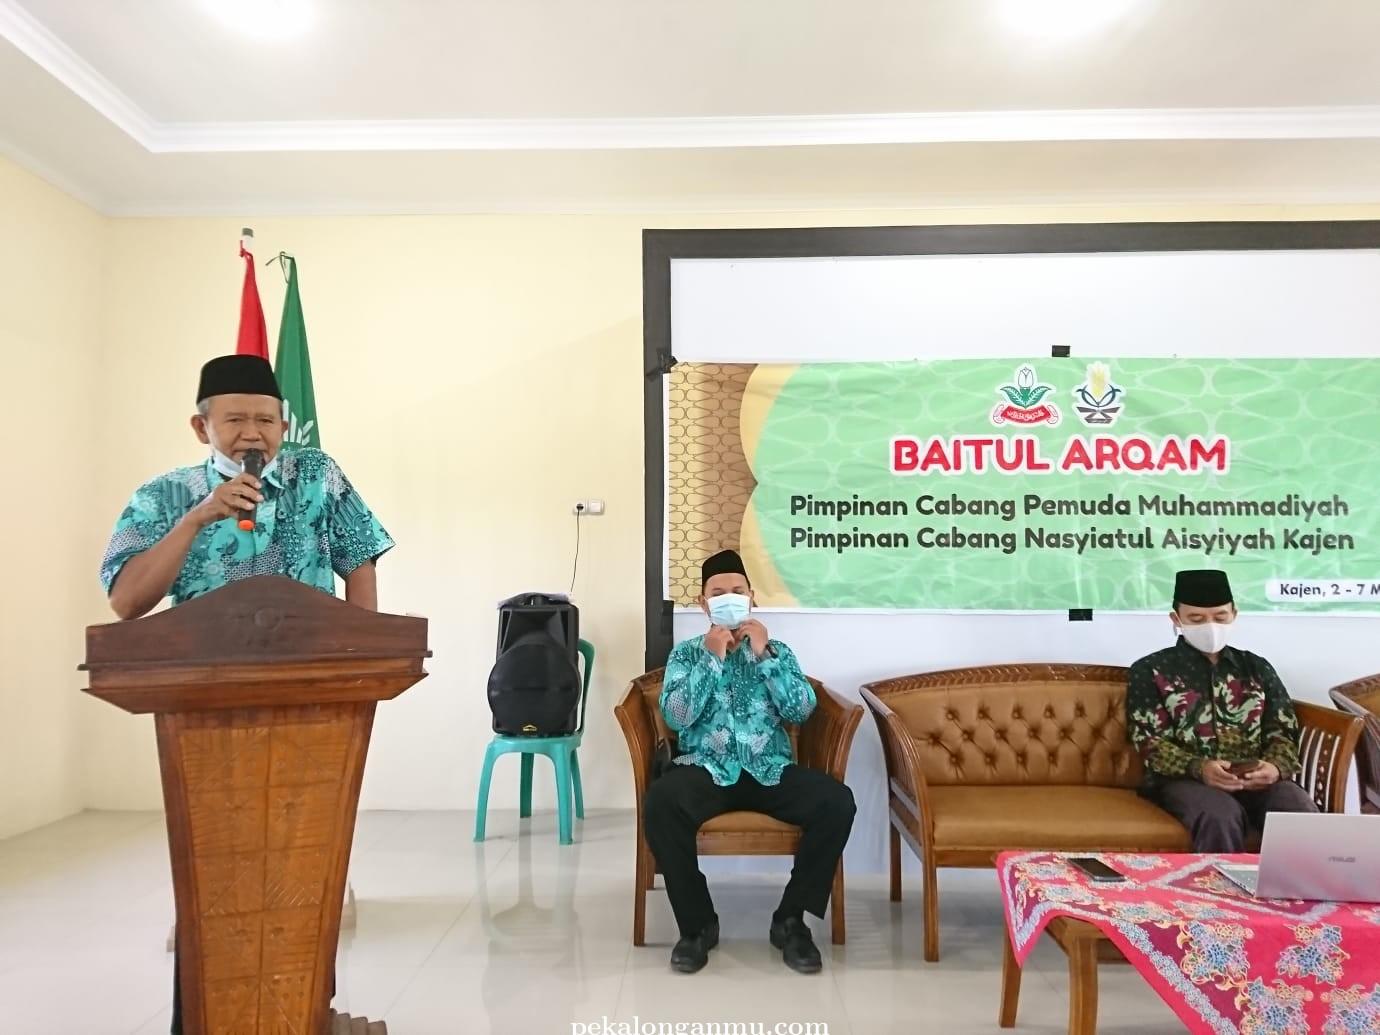 Baitul Arqam PCPM - PCNA Kajen Siapkan Kelanjutan Kepemimpinan